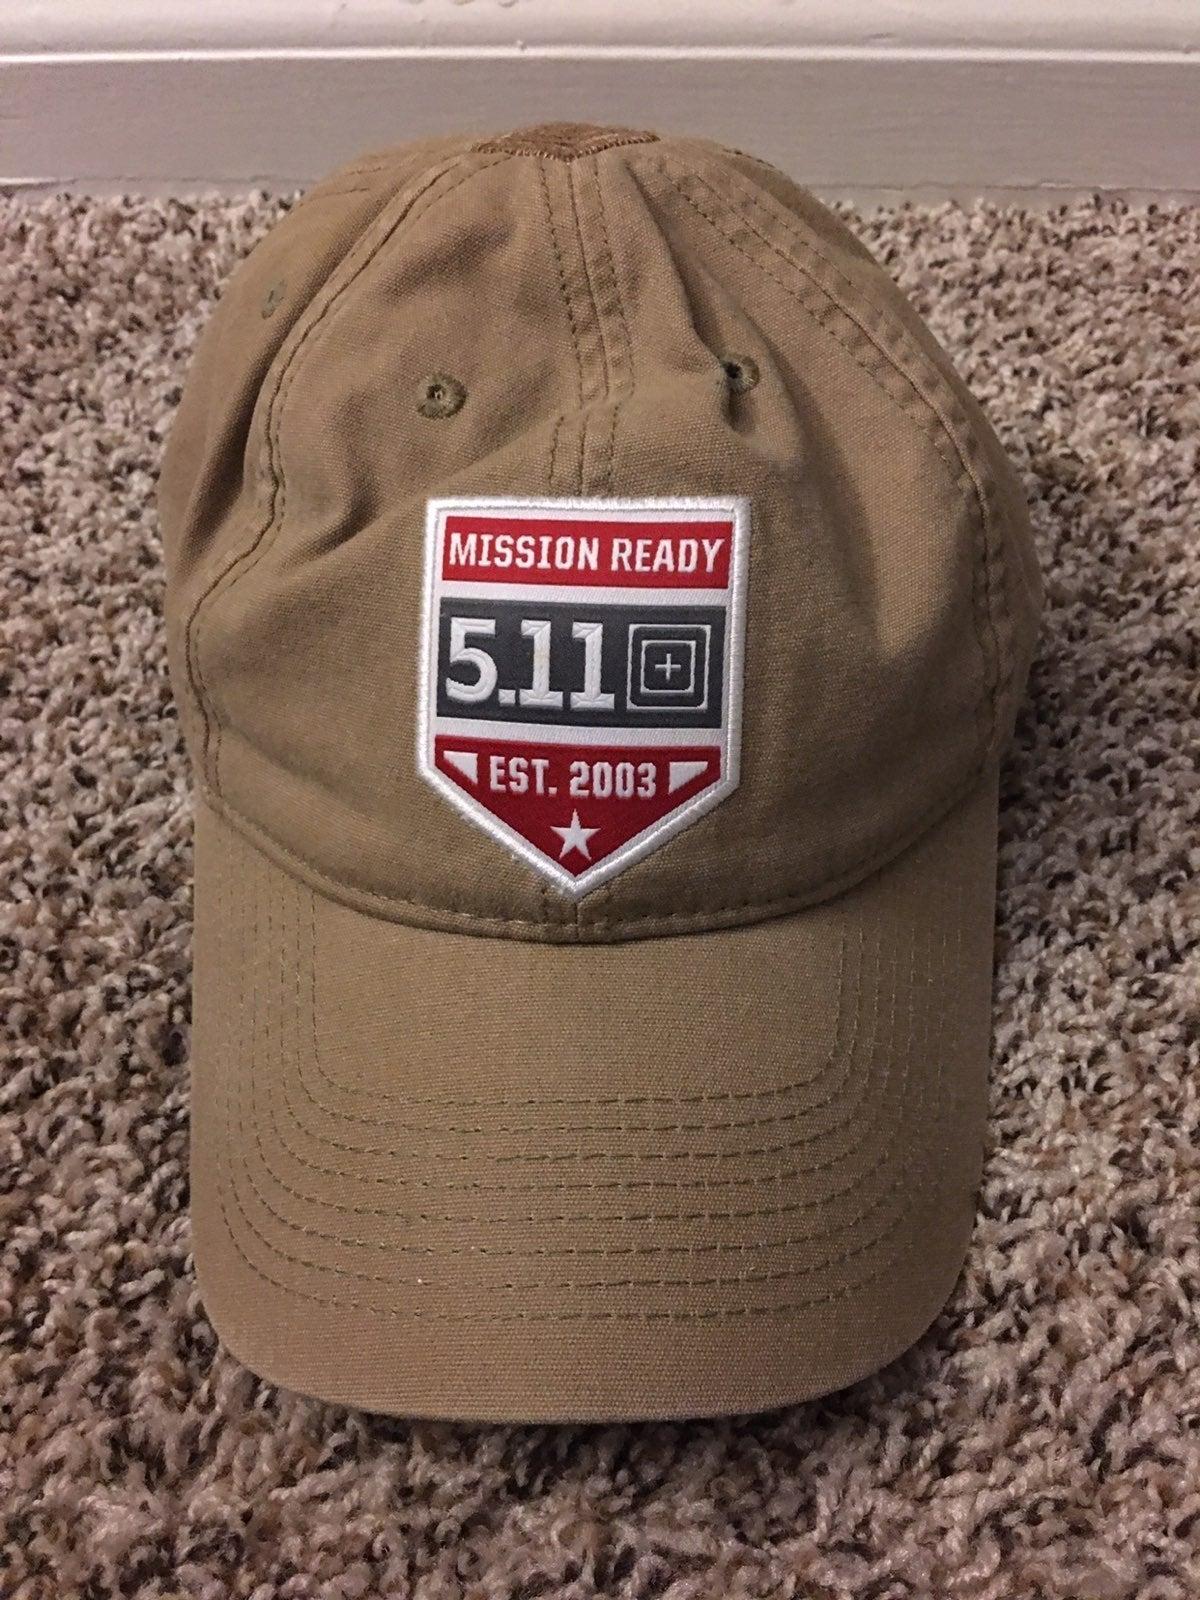 5.11 tan hat